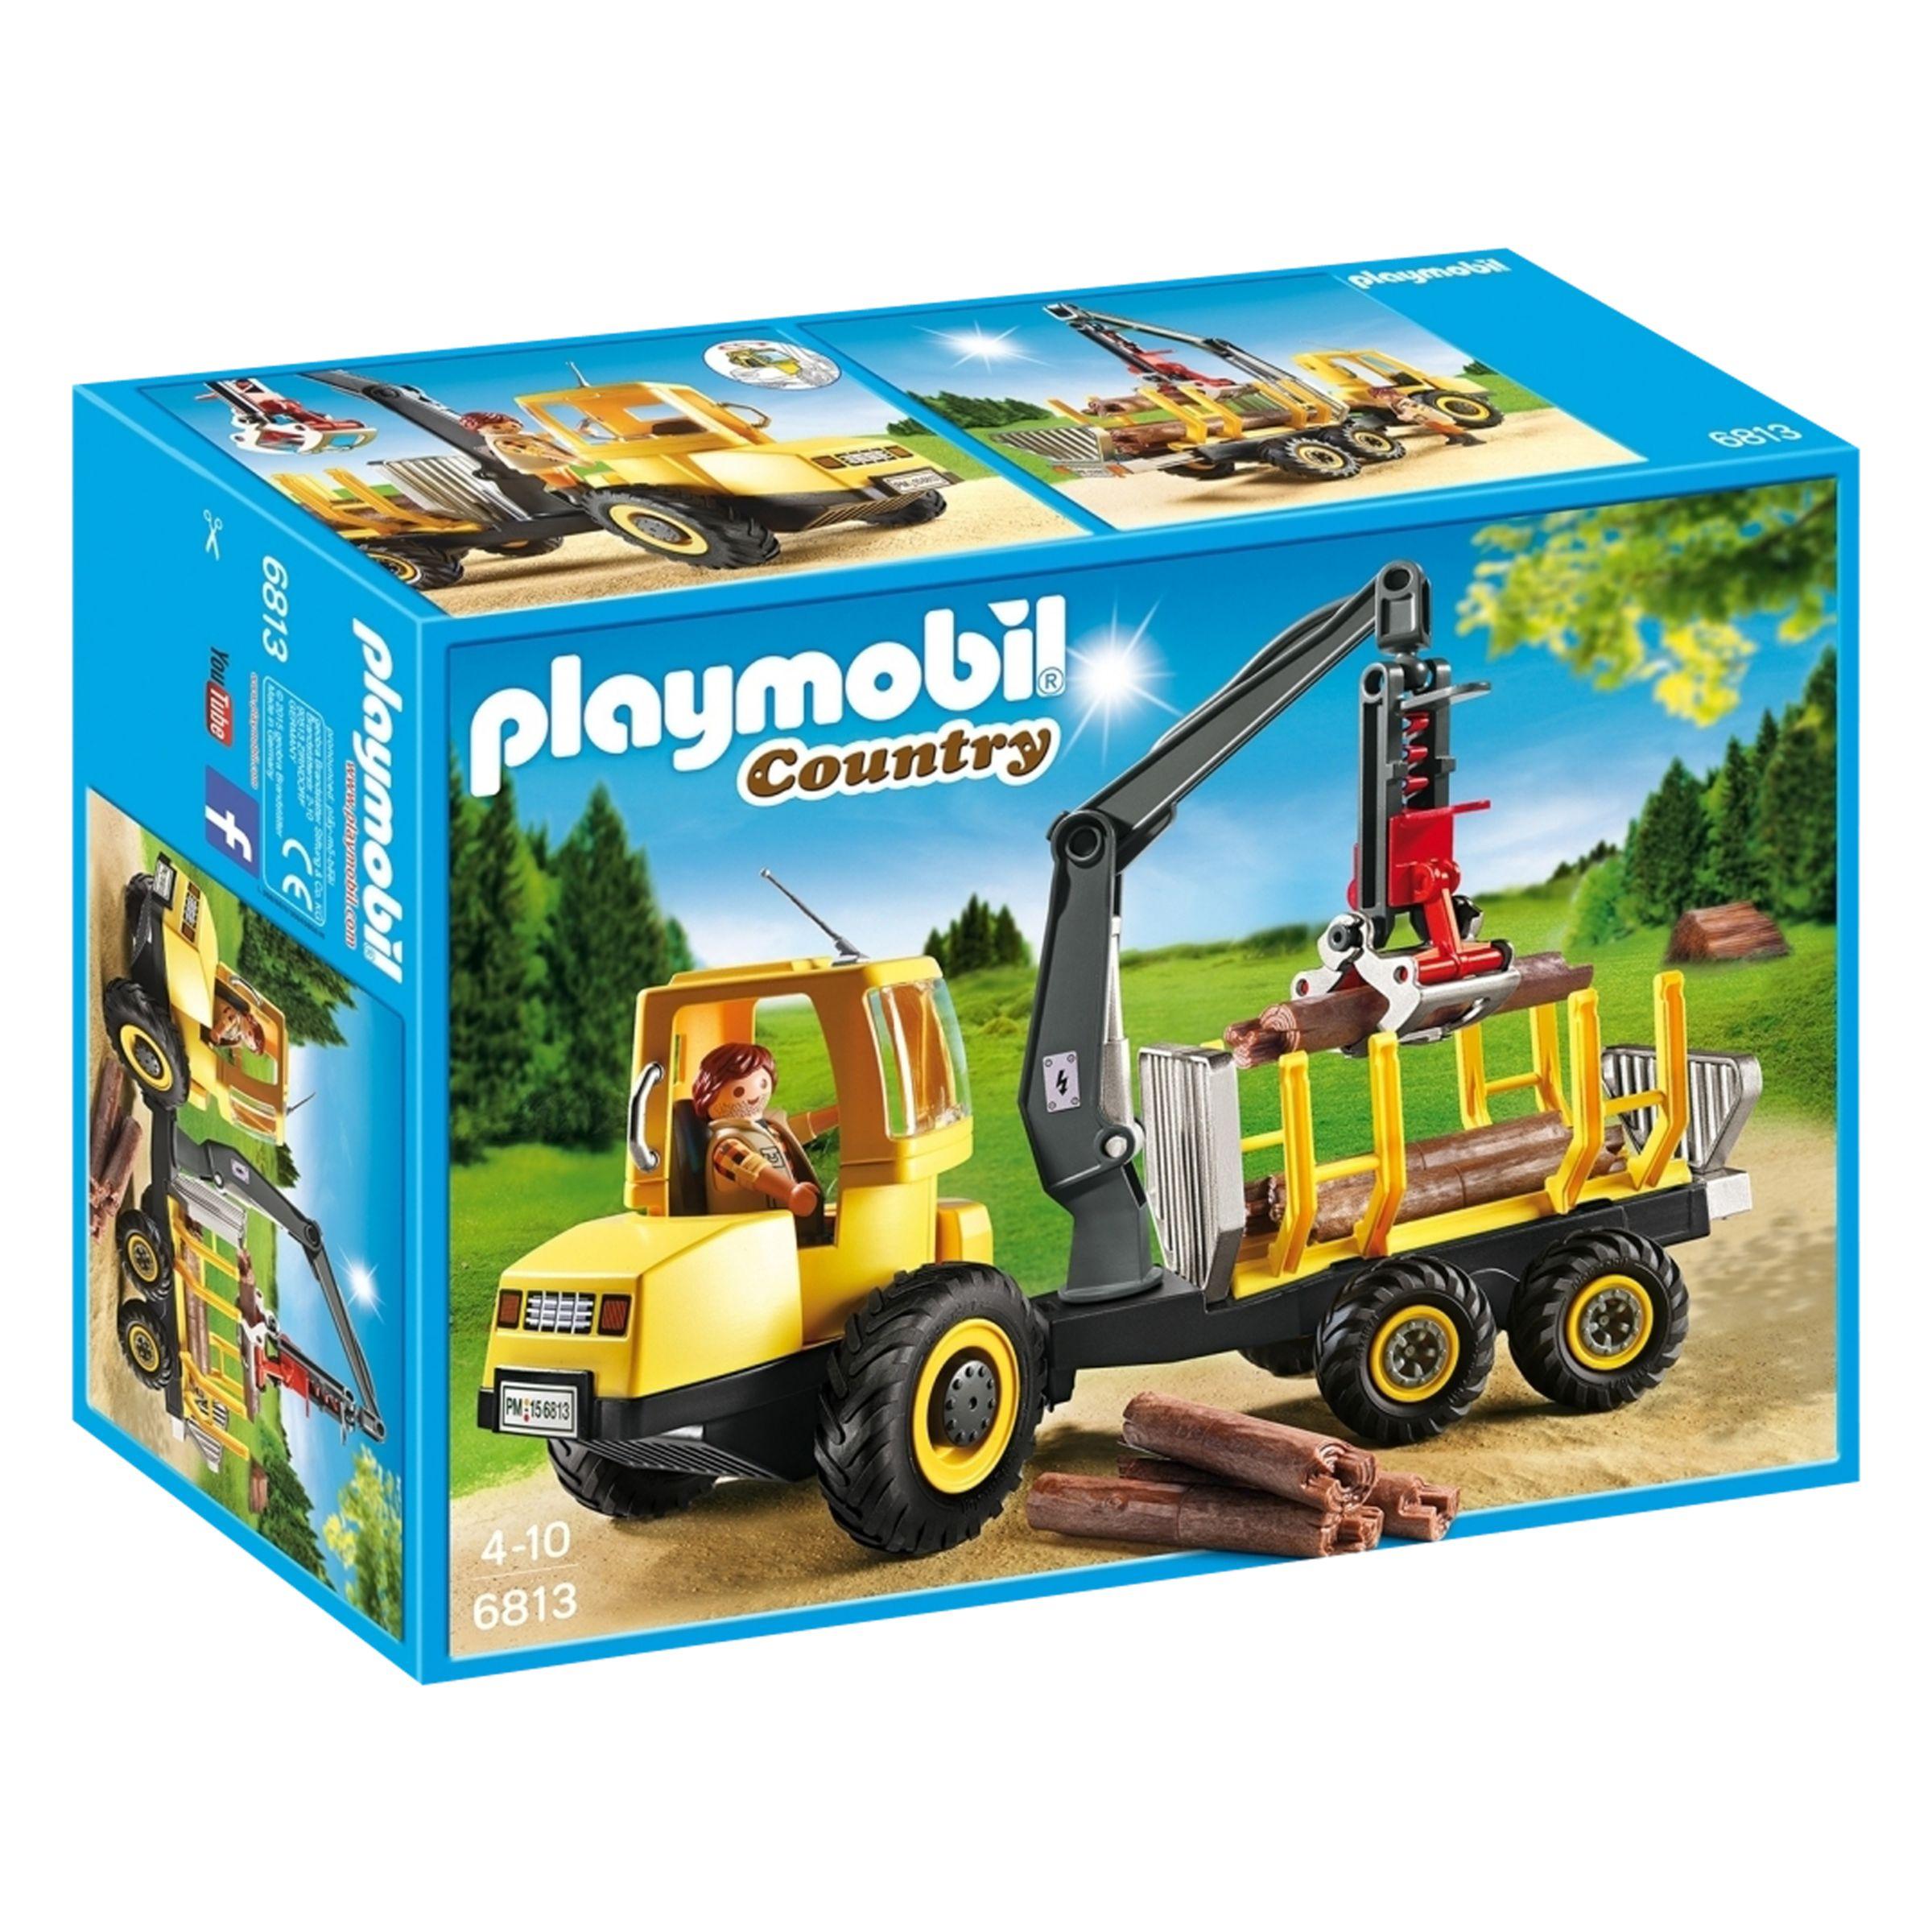 PLAYMOBIL Playmobil Timber Transporter with Crane